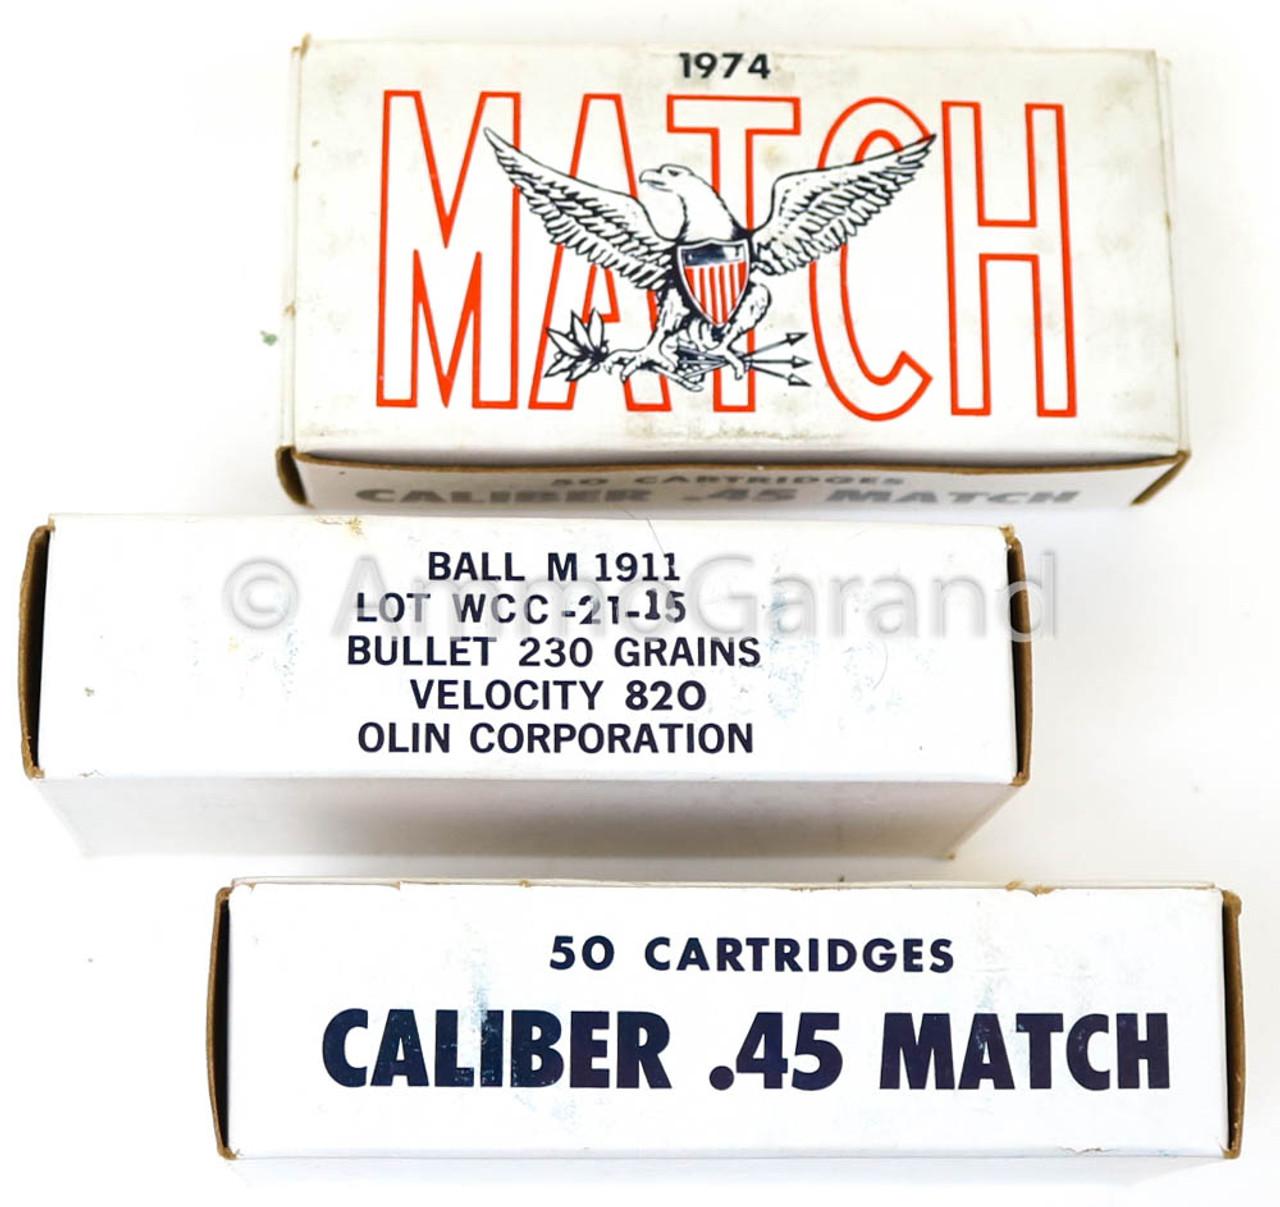 .45 ACP Match USGI 230gr FMJ Ball 50rd Box 1974 Lot WCC-21-15